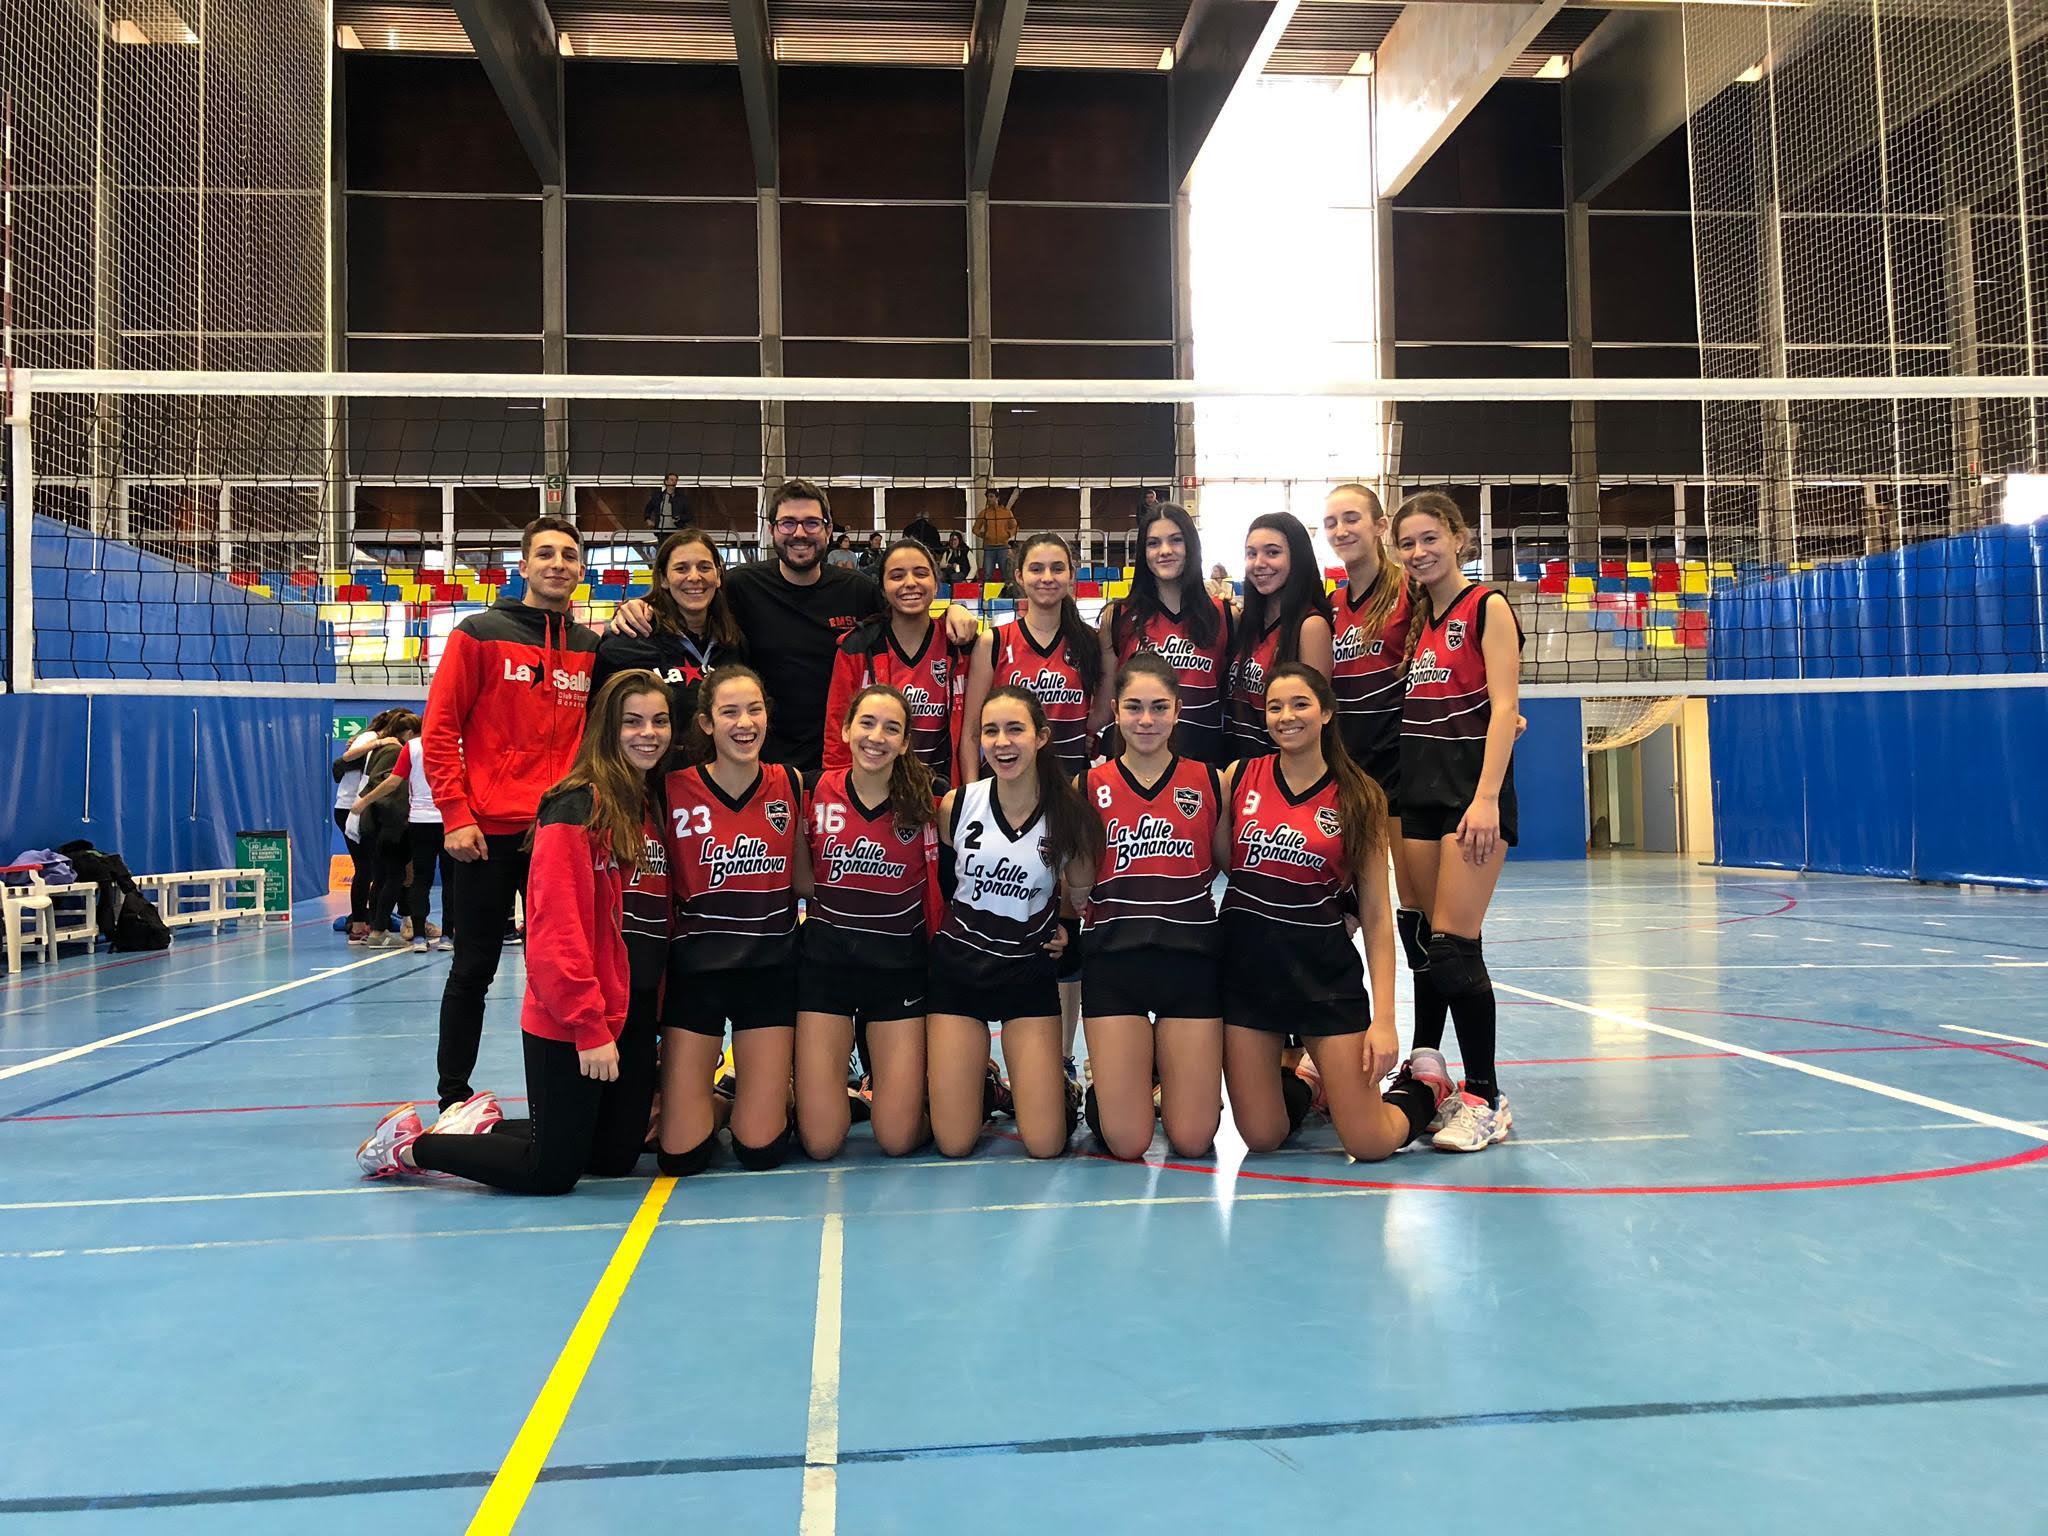 El Juvenil De Voleibol Jugarà La Final De La Copa De Bcn